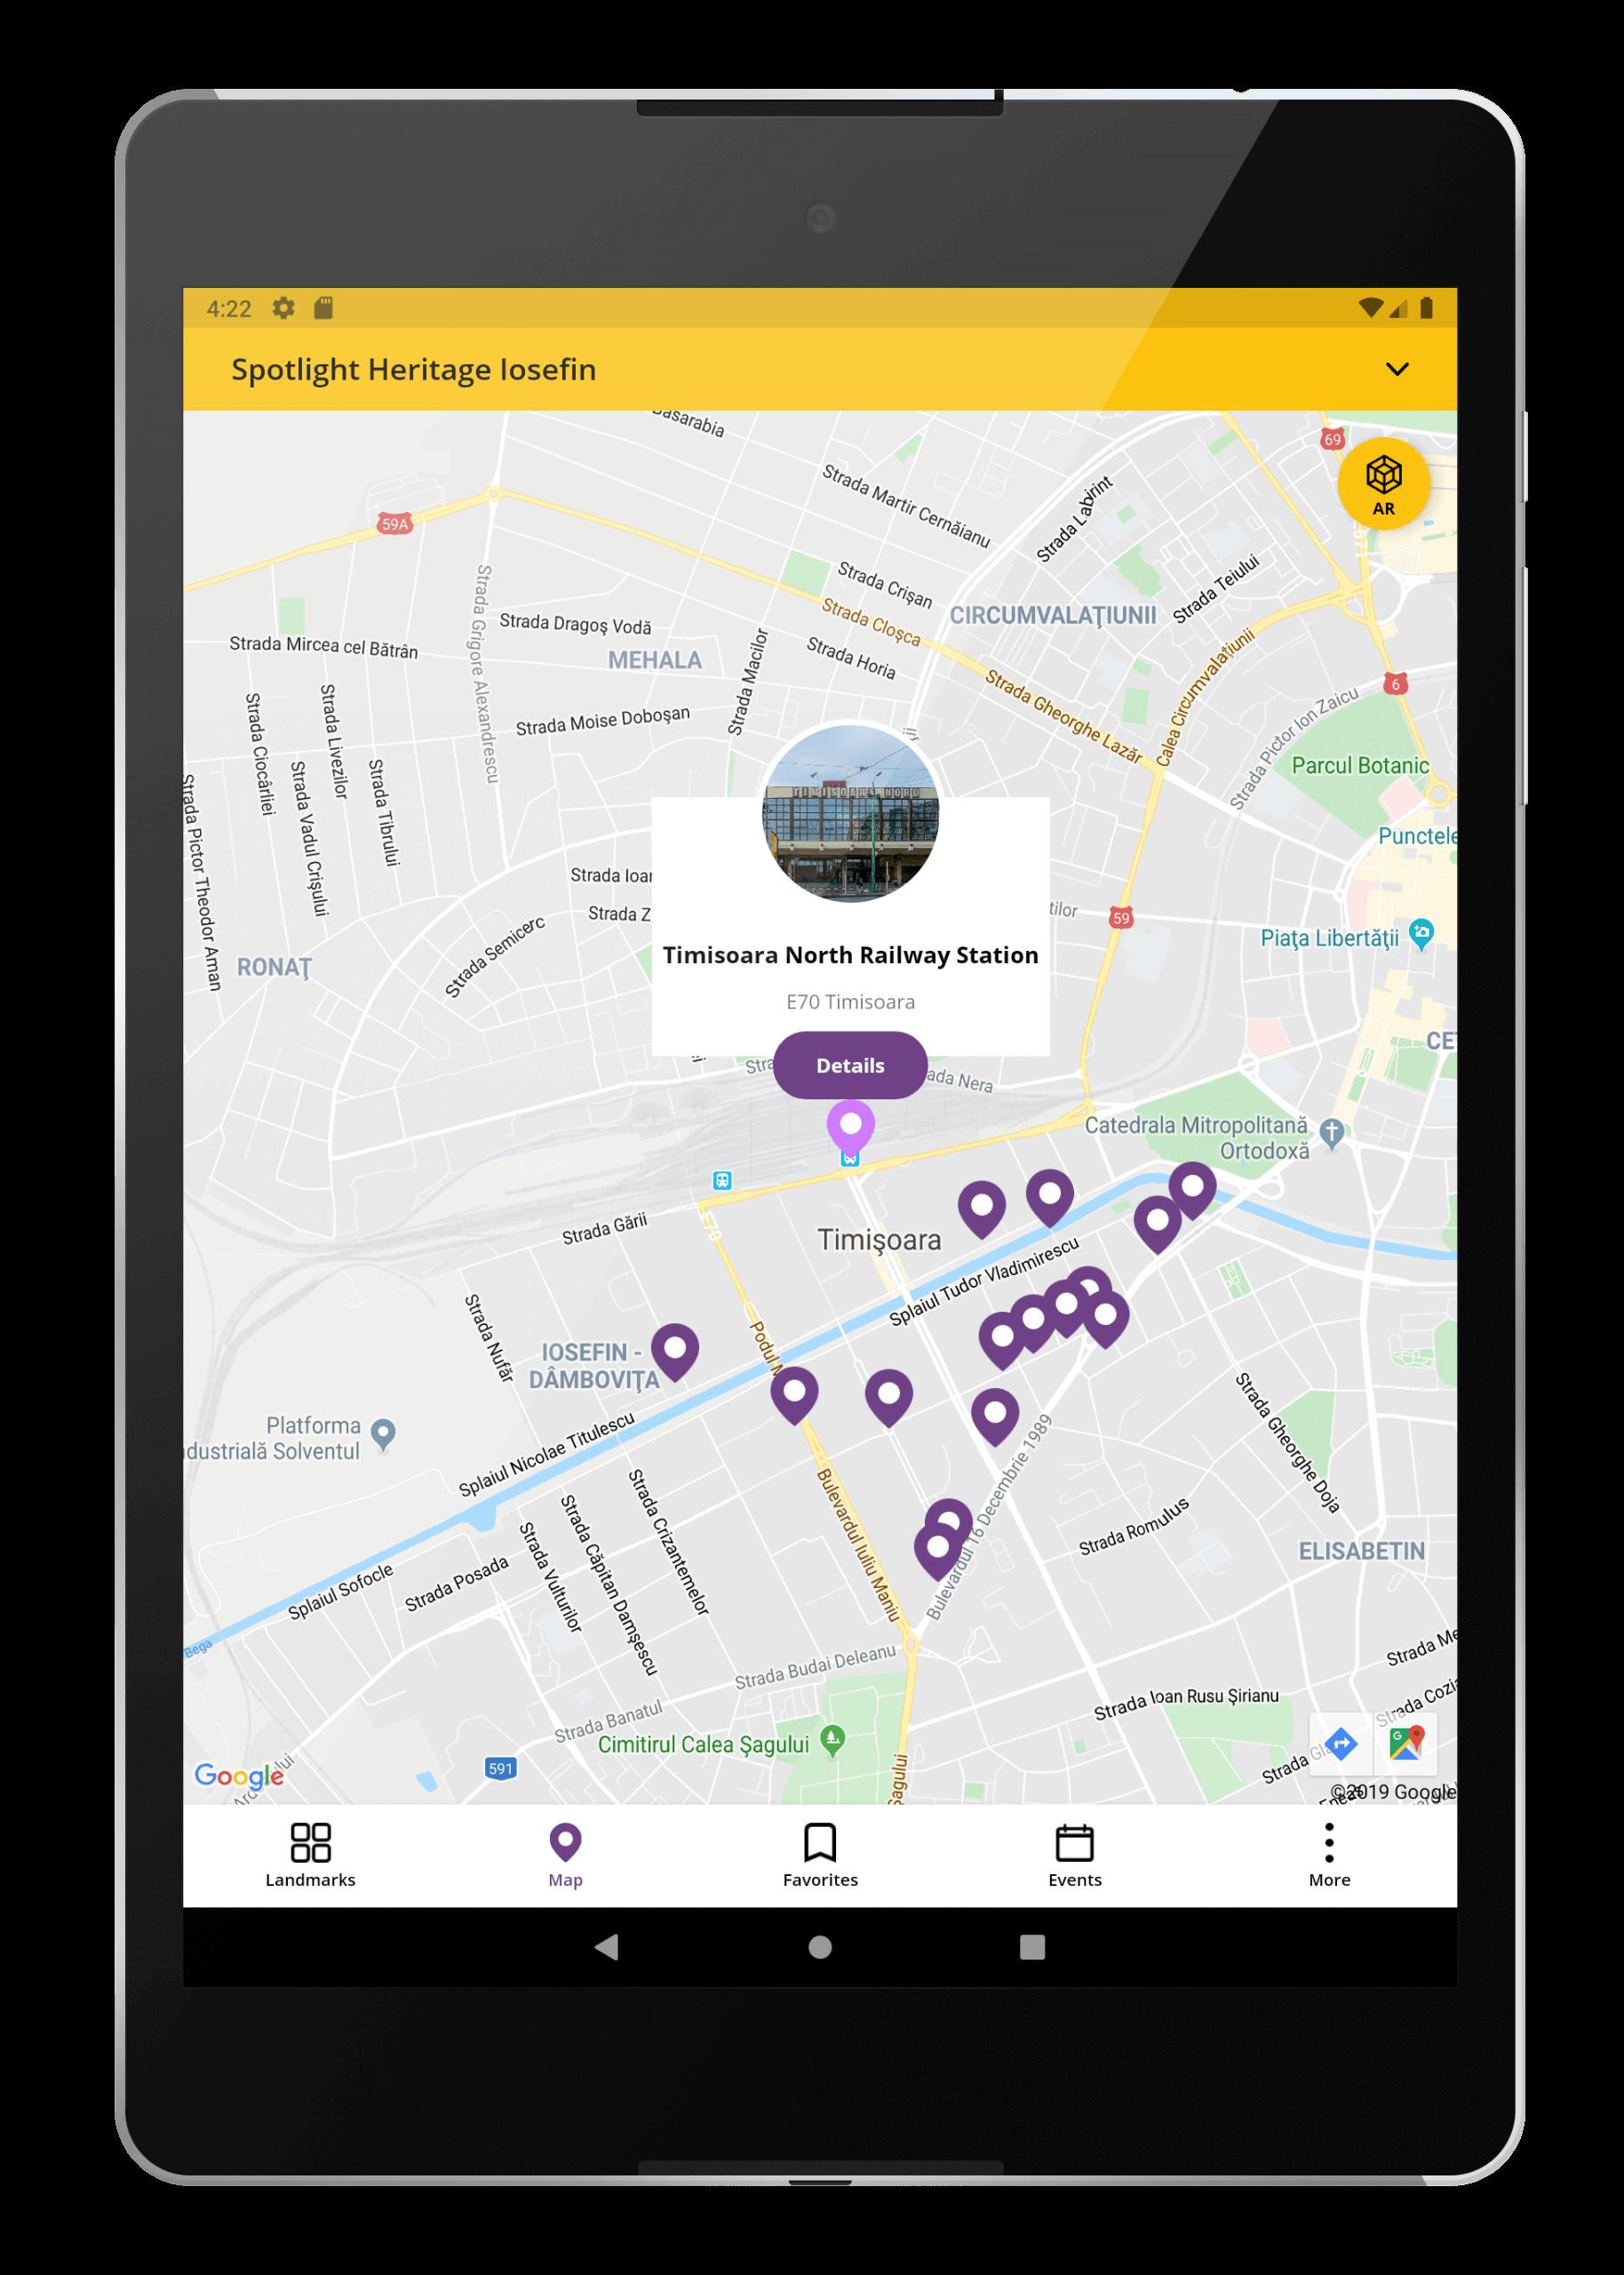 Spotlight Heritage Timisoara Android Tab